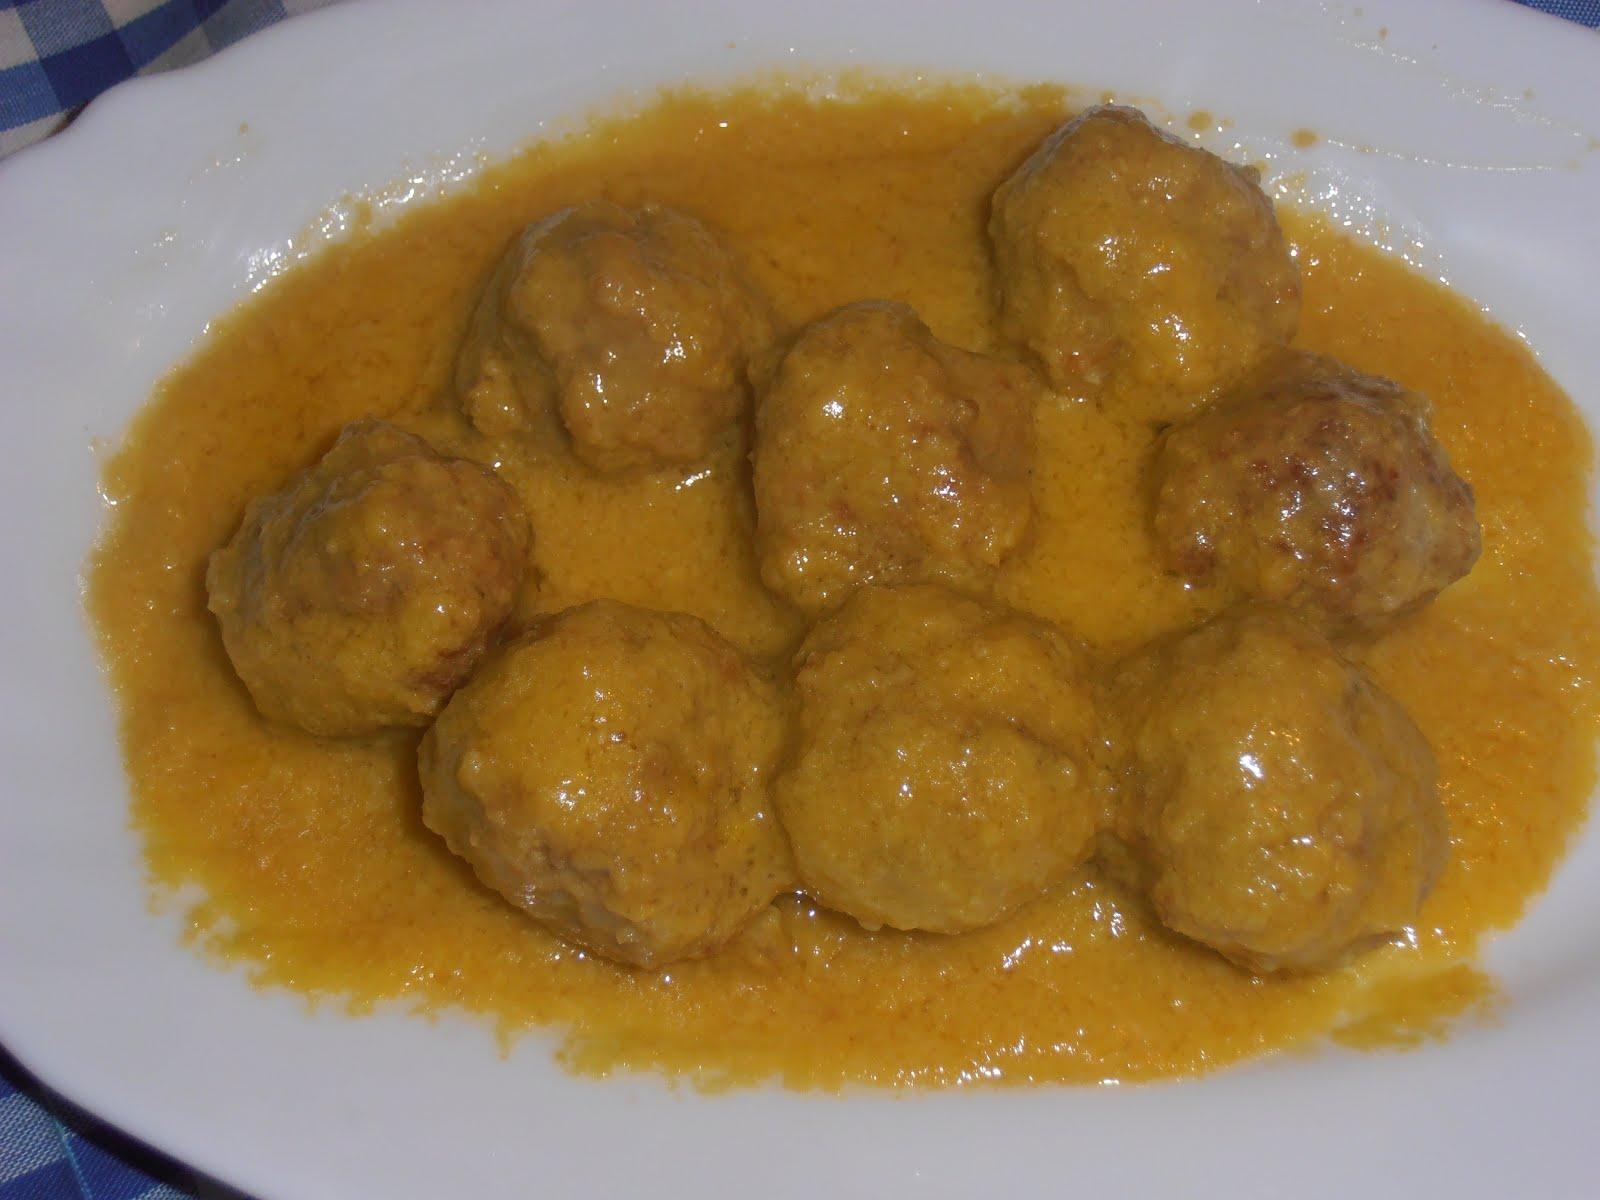 Alb ndigas en salsa de almendras f cil 4 5 - Albondigas de patata ...